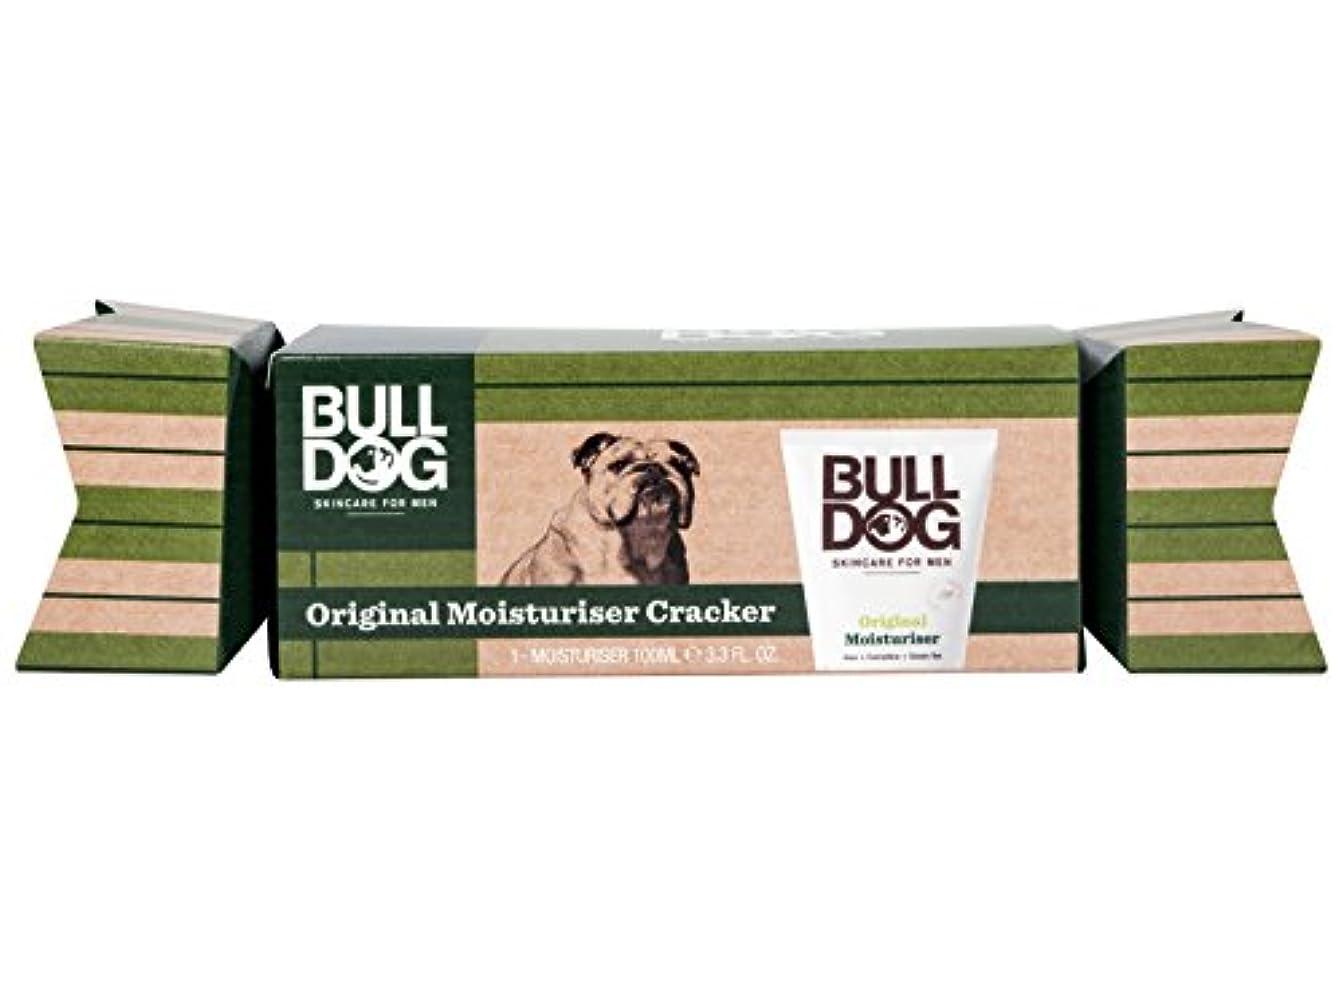 名義で細断輸血ブルドッグ Bulldog オリジナルモイスチャライザー100ml クラッカー